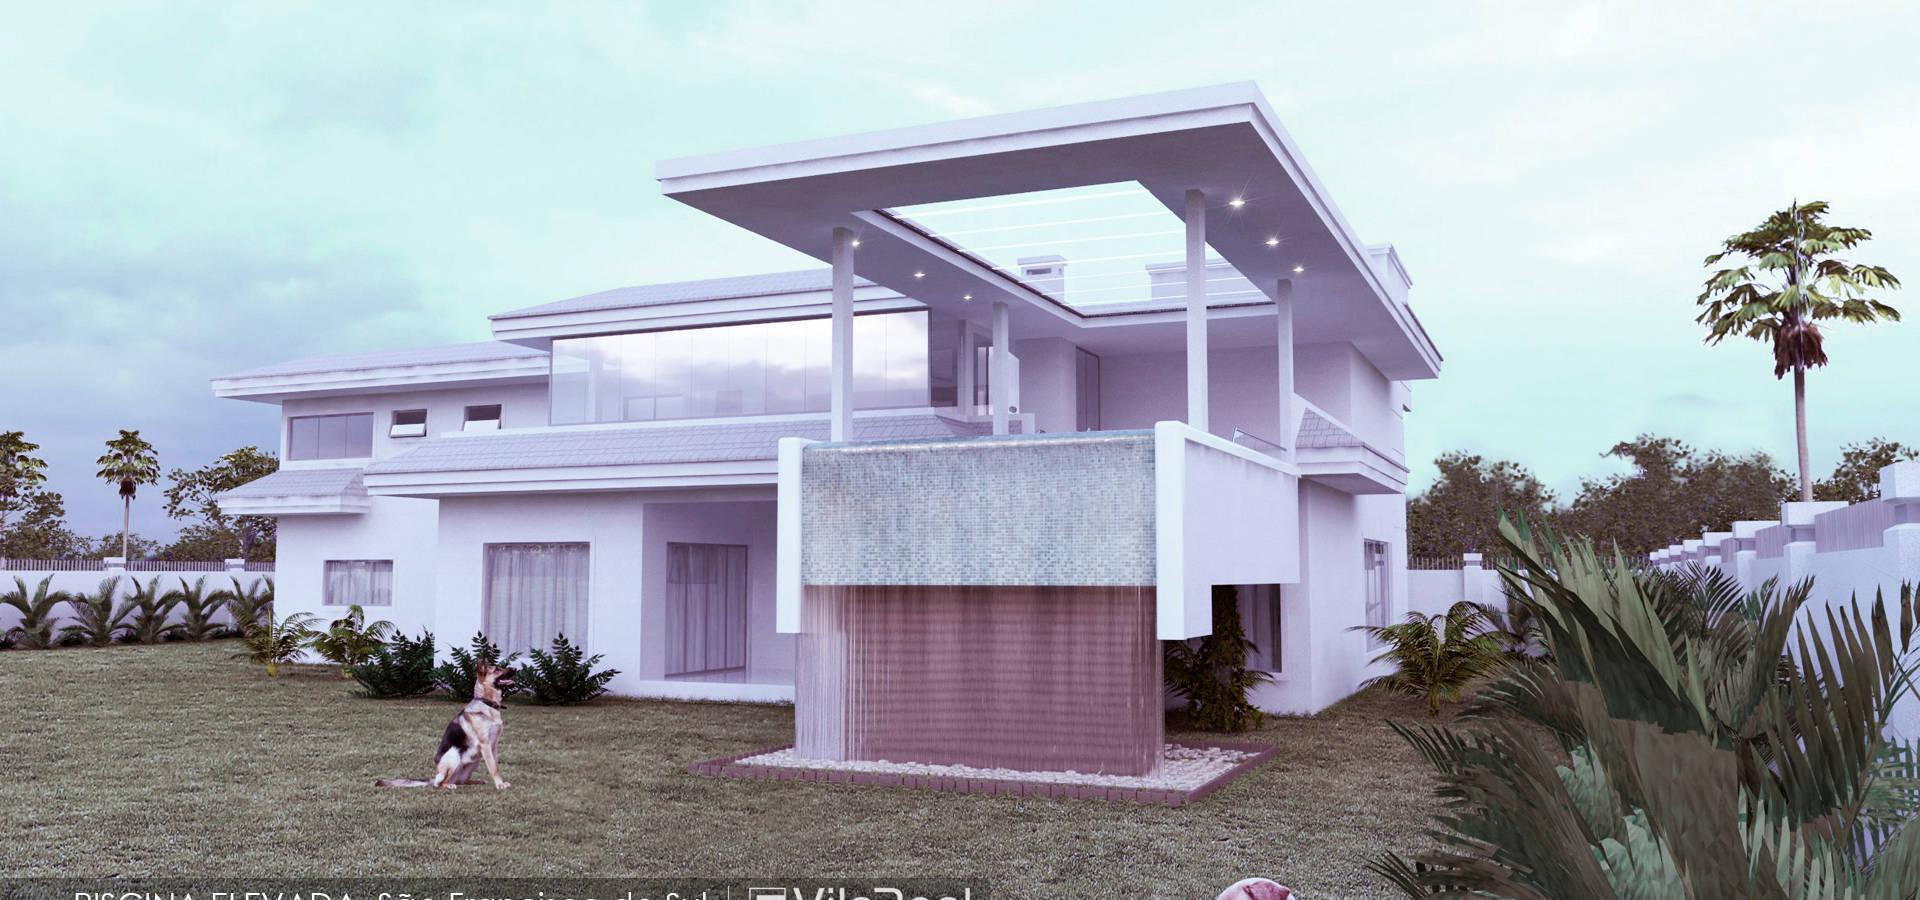 Vila Real Design Arquitetônico e Engenharia